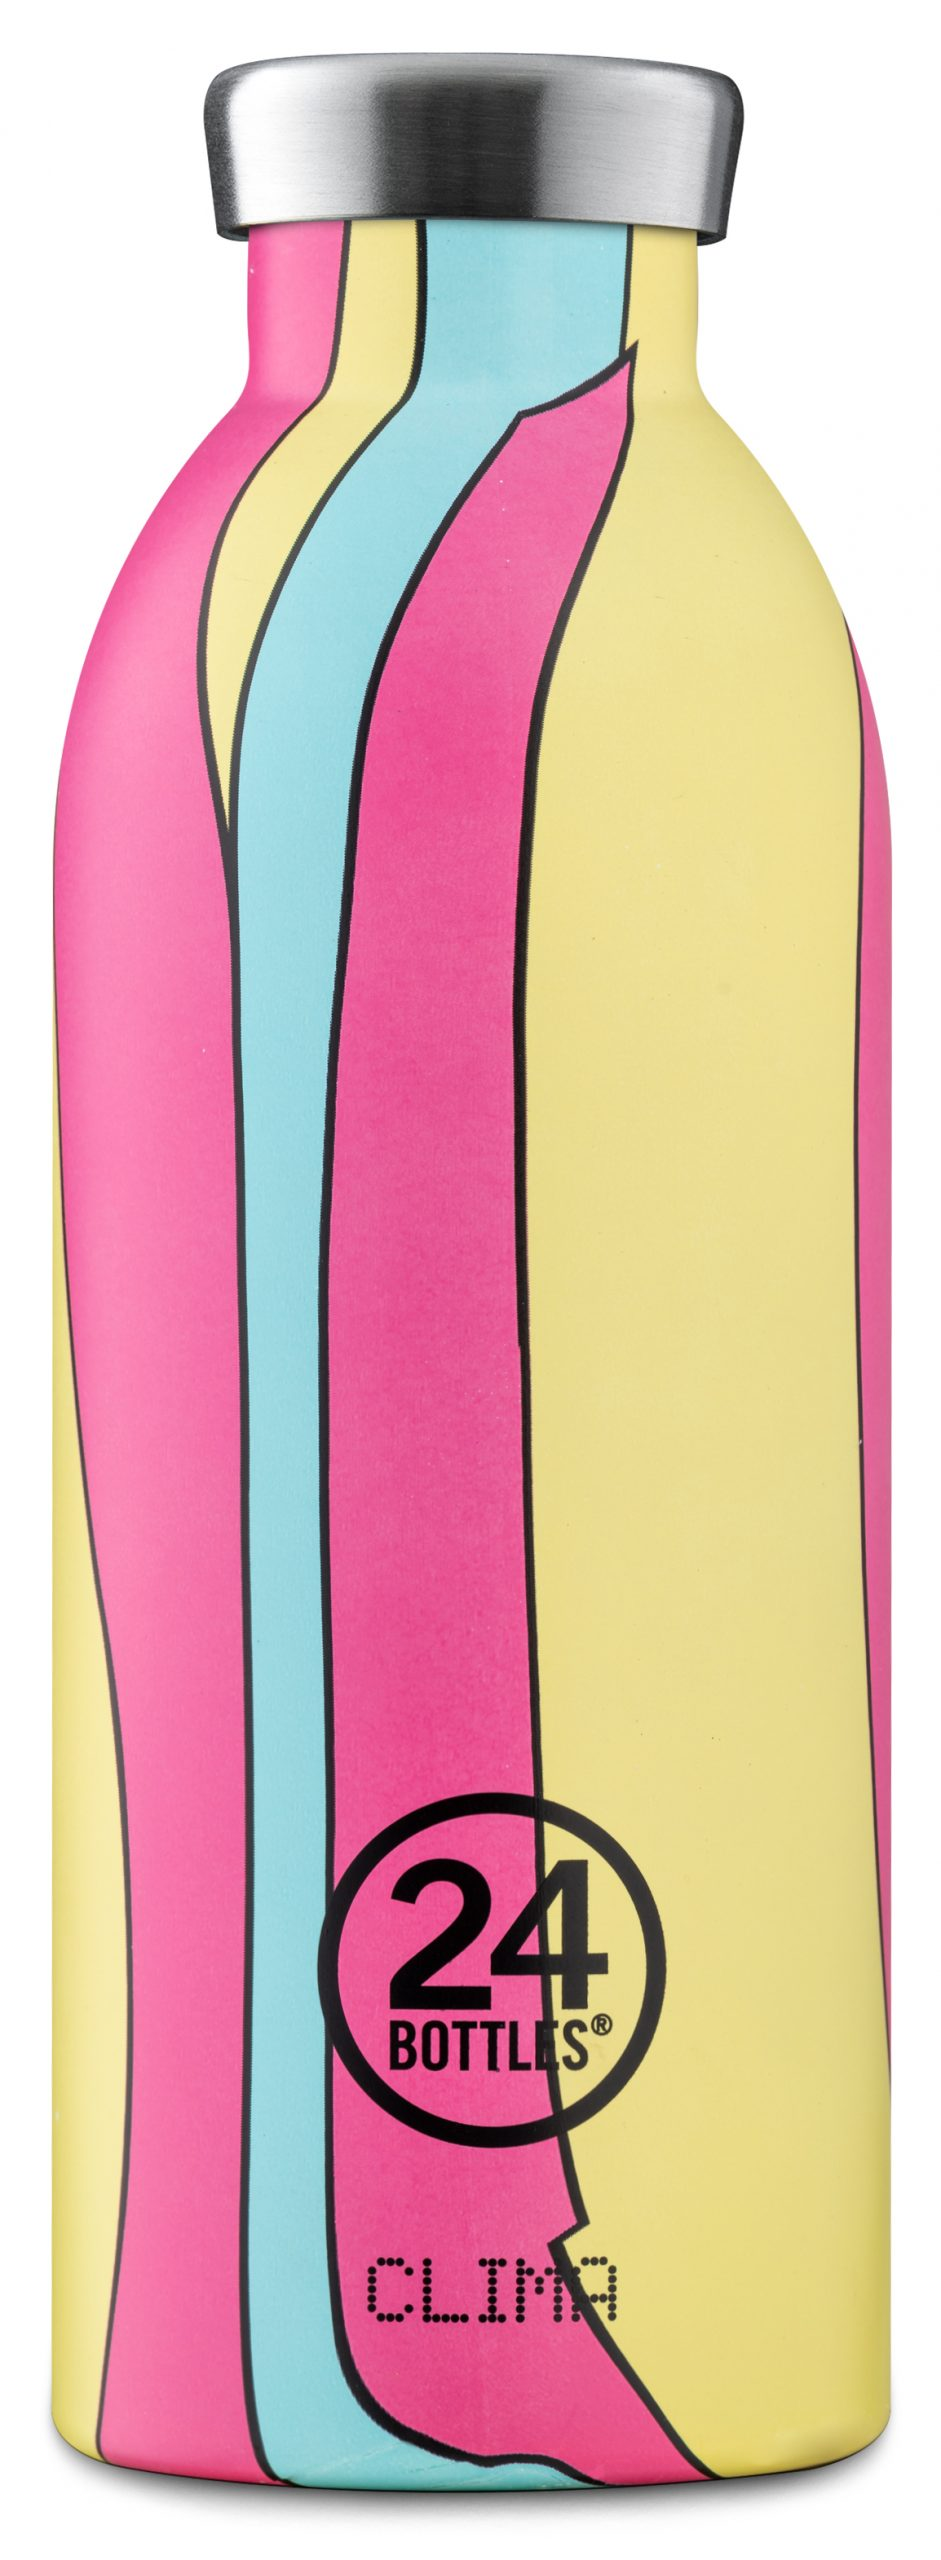 """®24bottles בקבוק """"קלימה"""" תרמי 500 מ""""ל – אליס"""